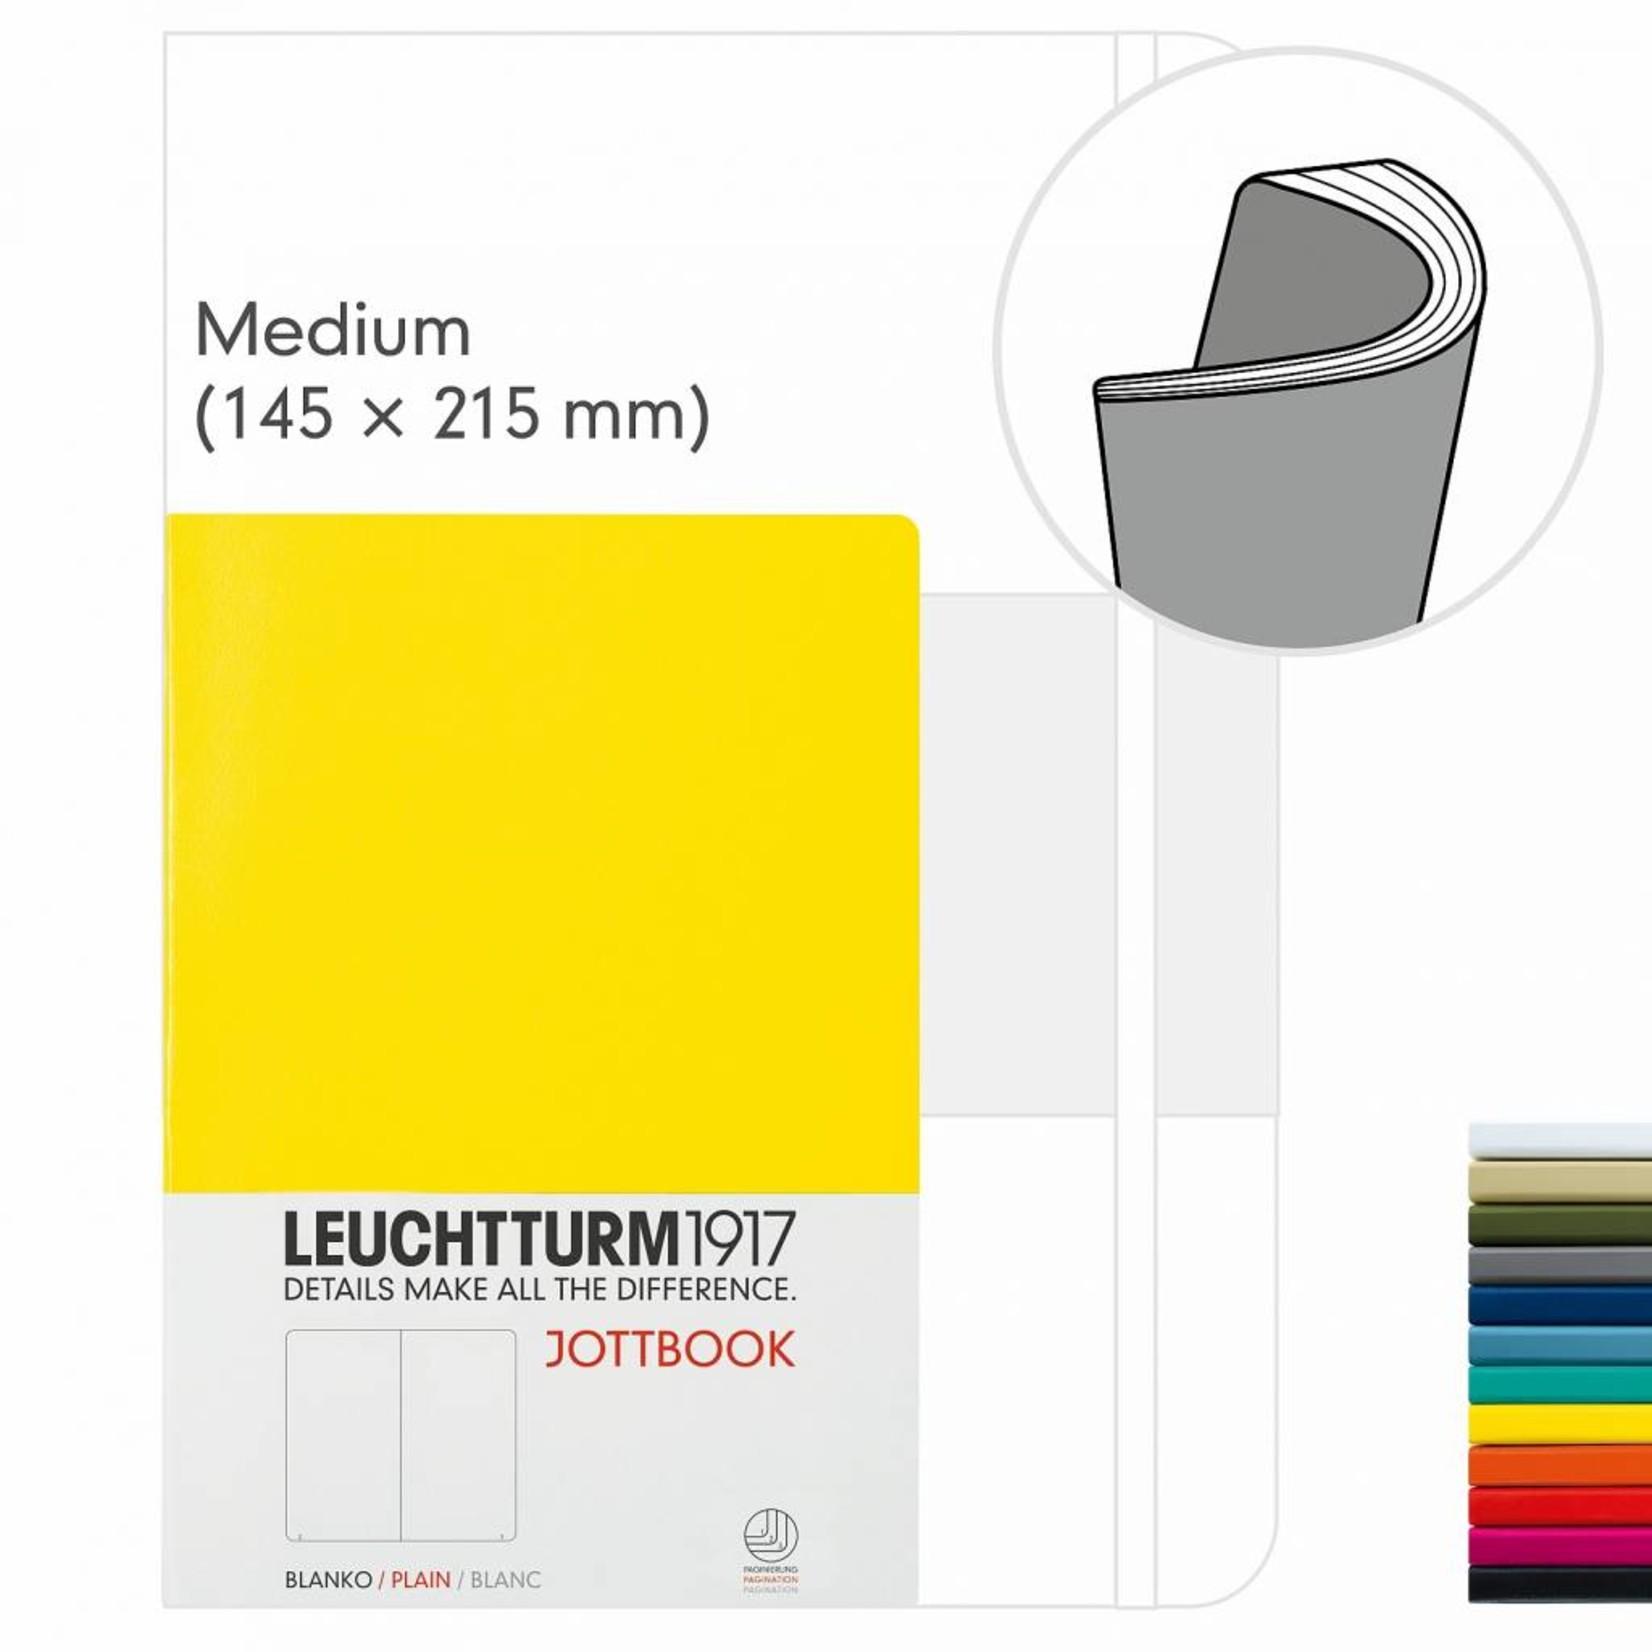 Leuchtturm1917 LT Jottbook MEDIUM A5 new pink, liniert